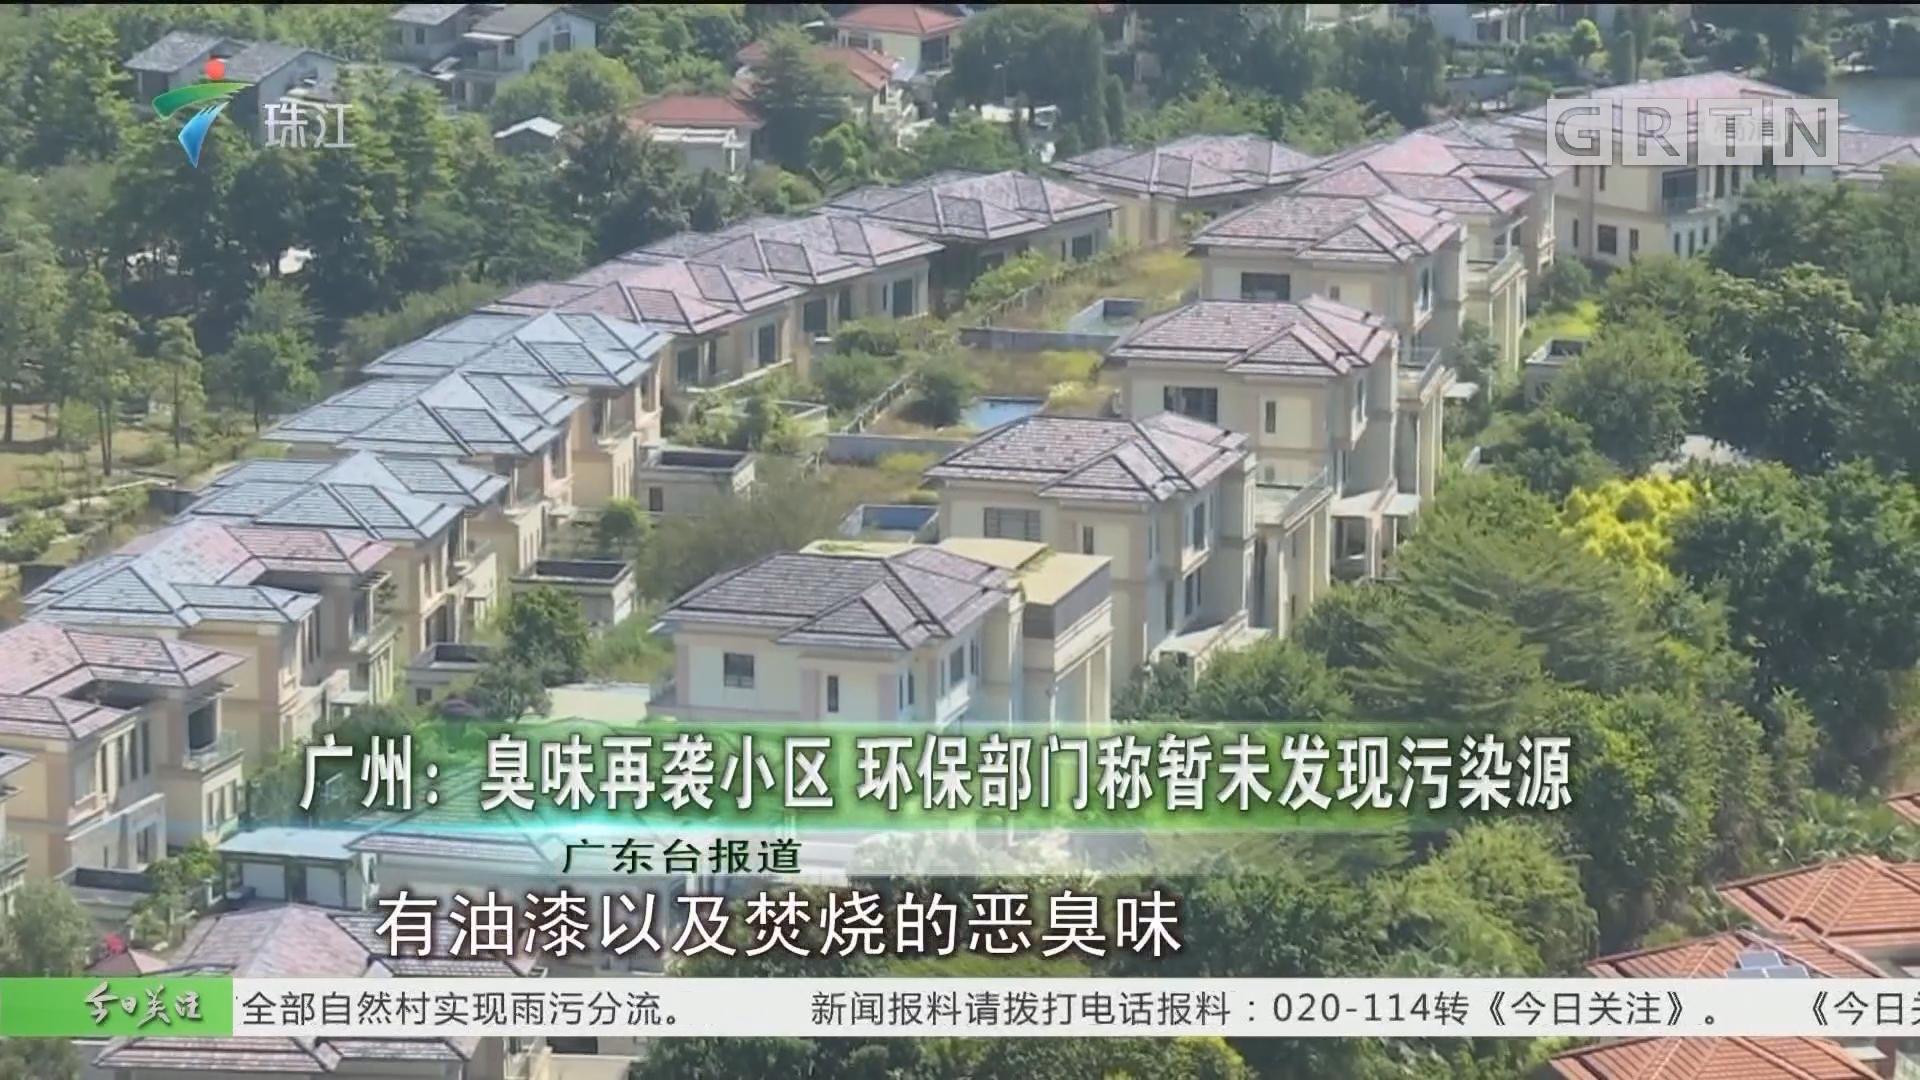 广州:臭味再袭小区 环保部门称暂未发现污染源